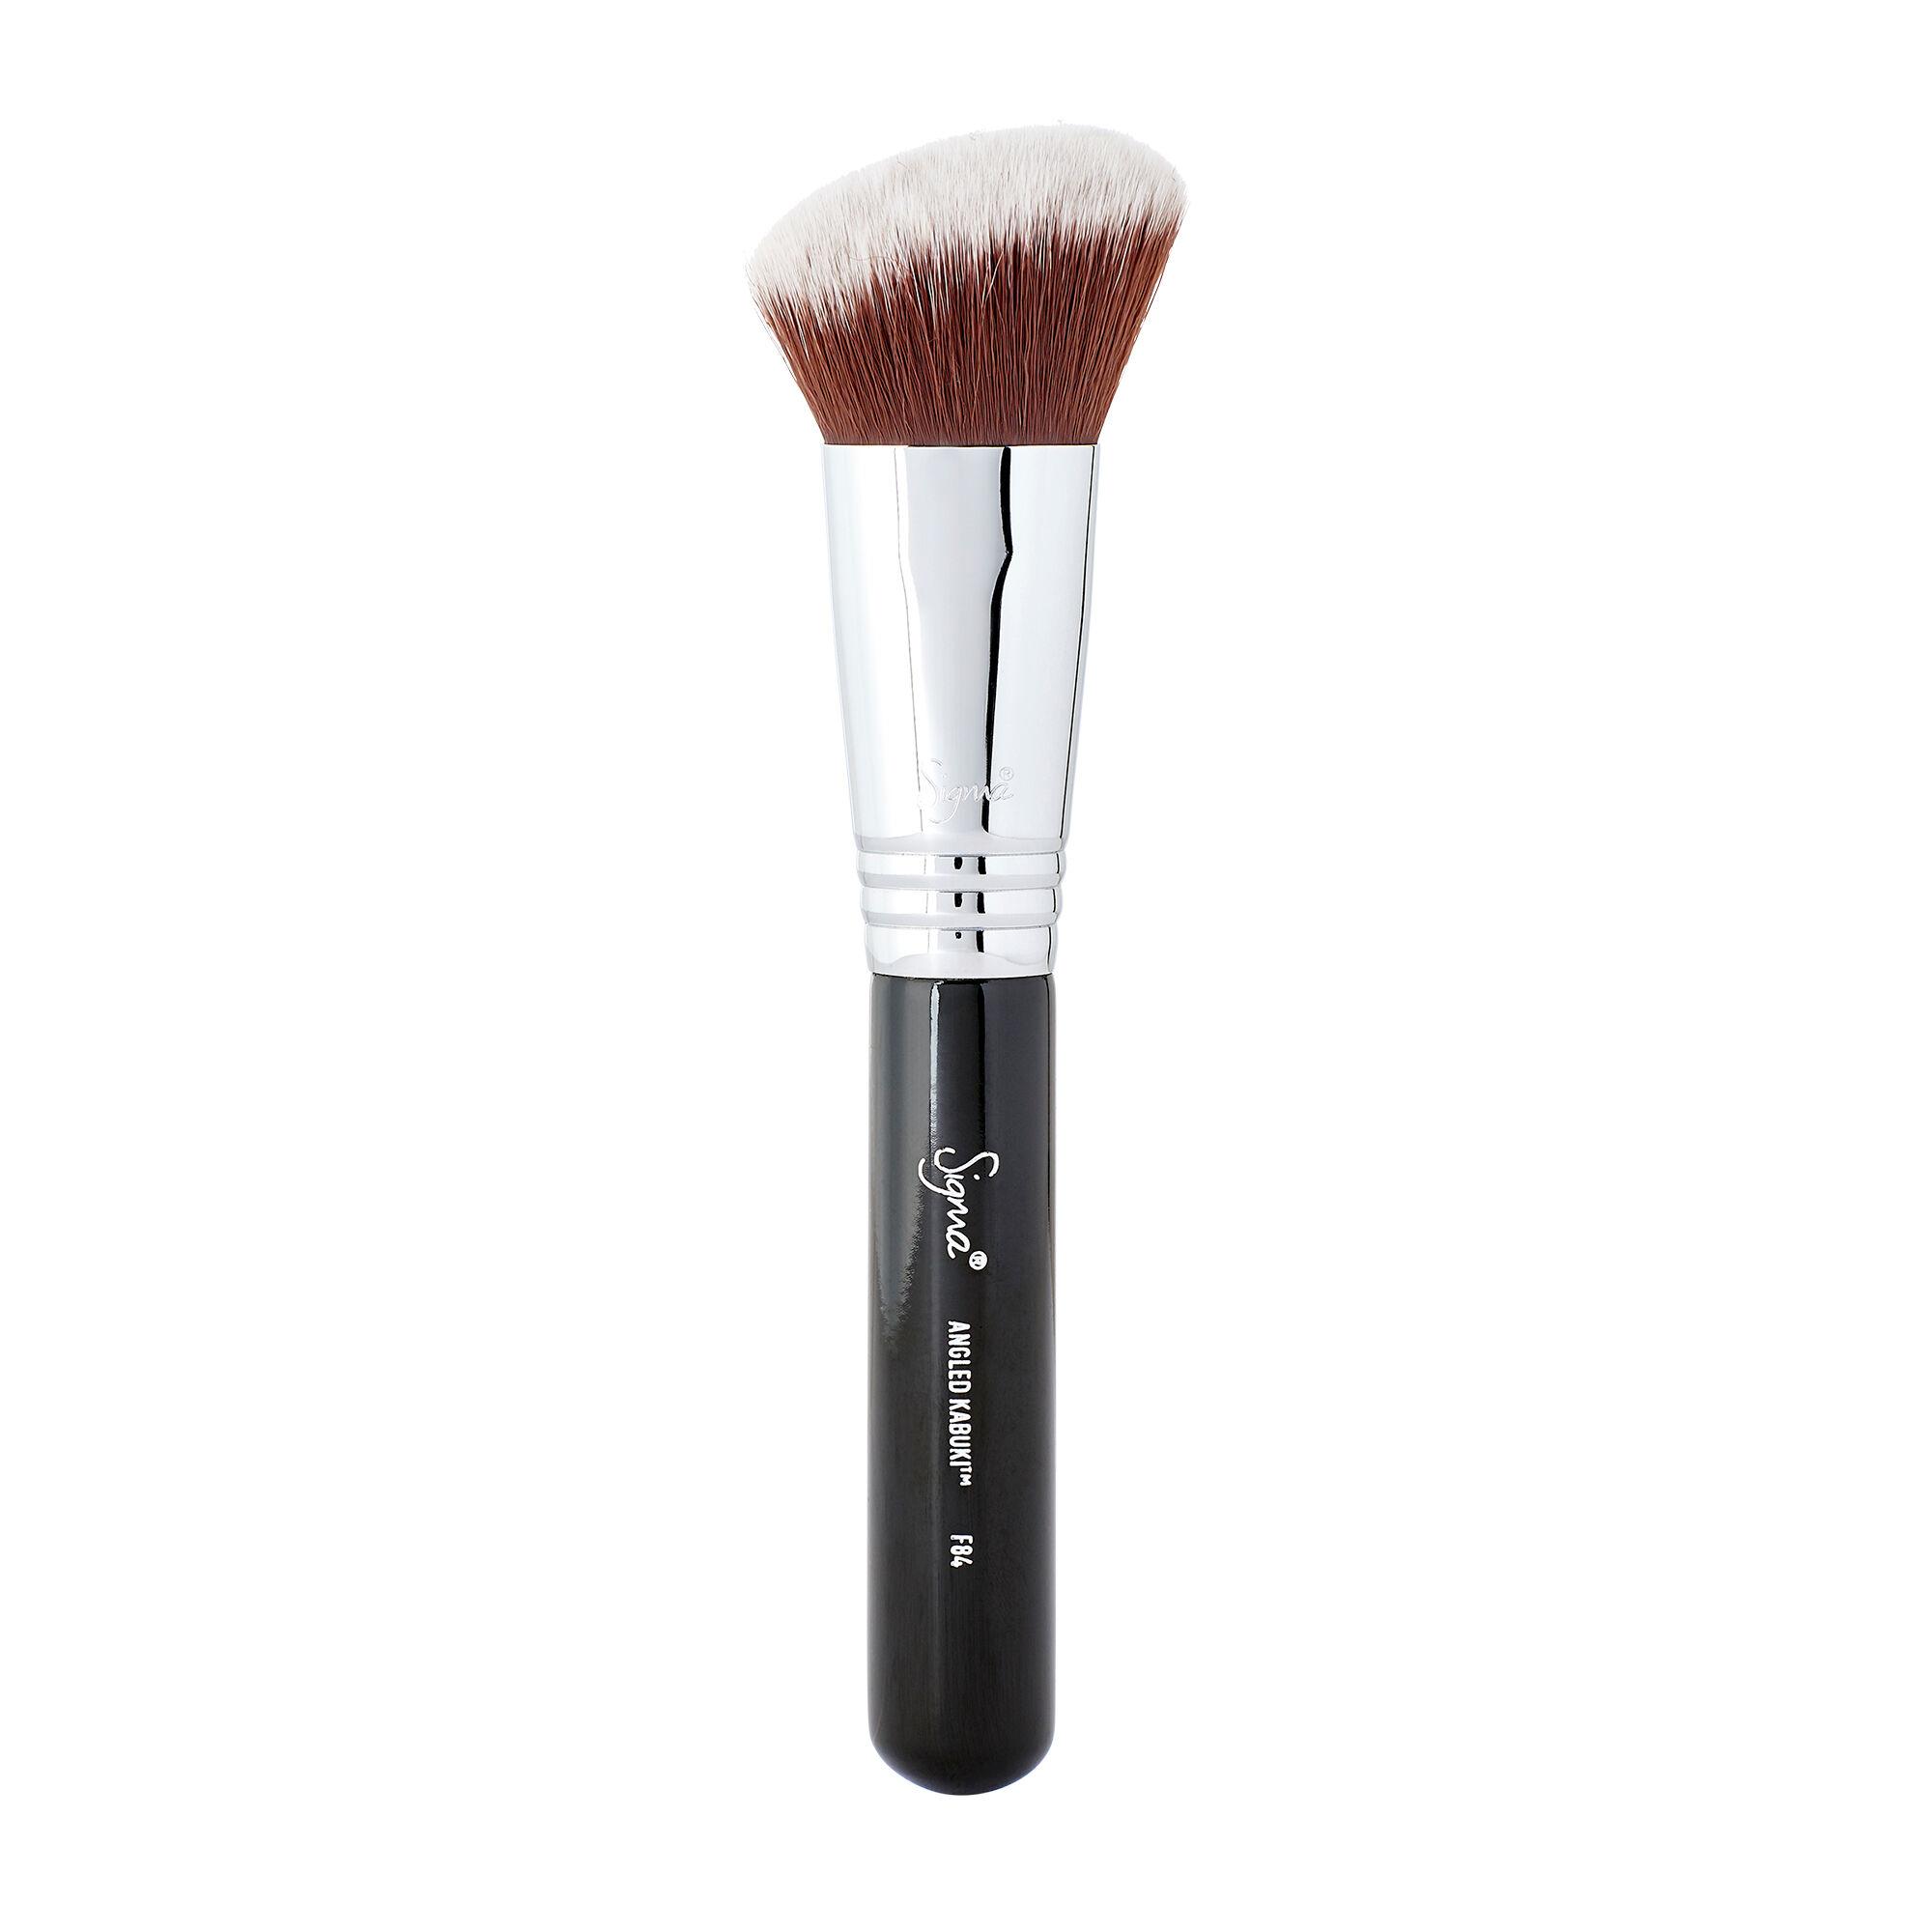 Sigma Beauty F84 Angled Kabuki Brush